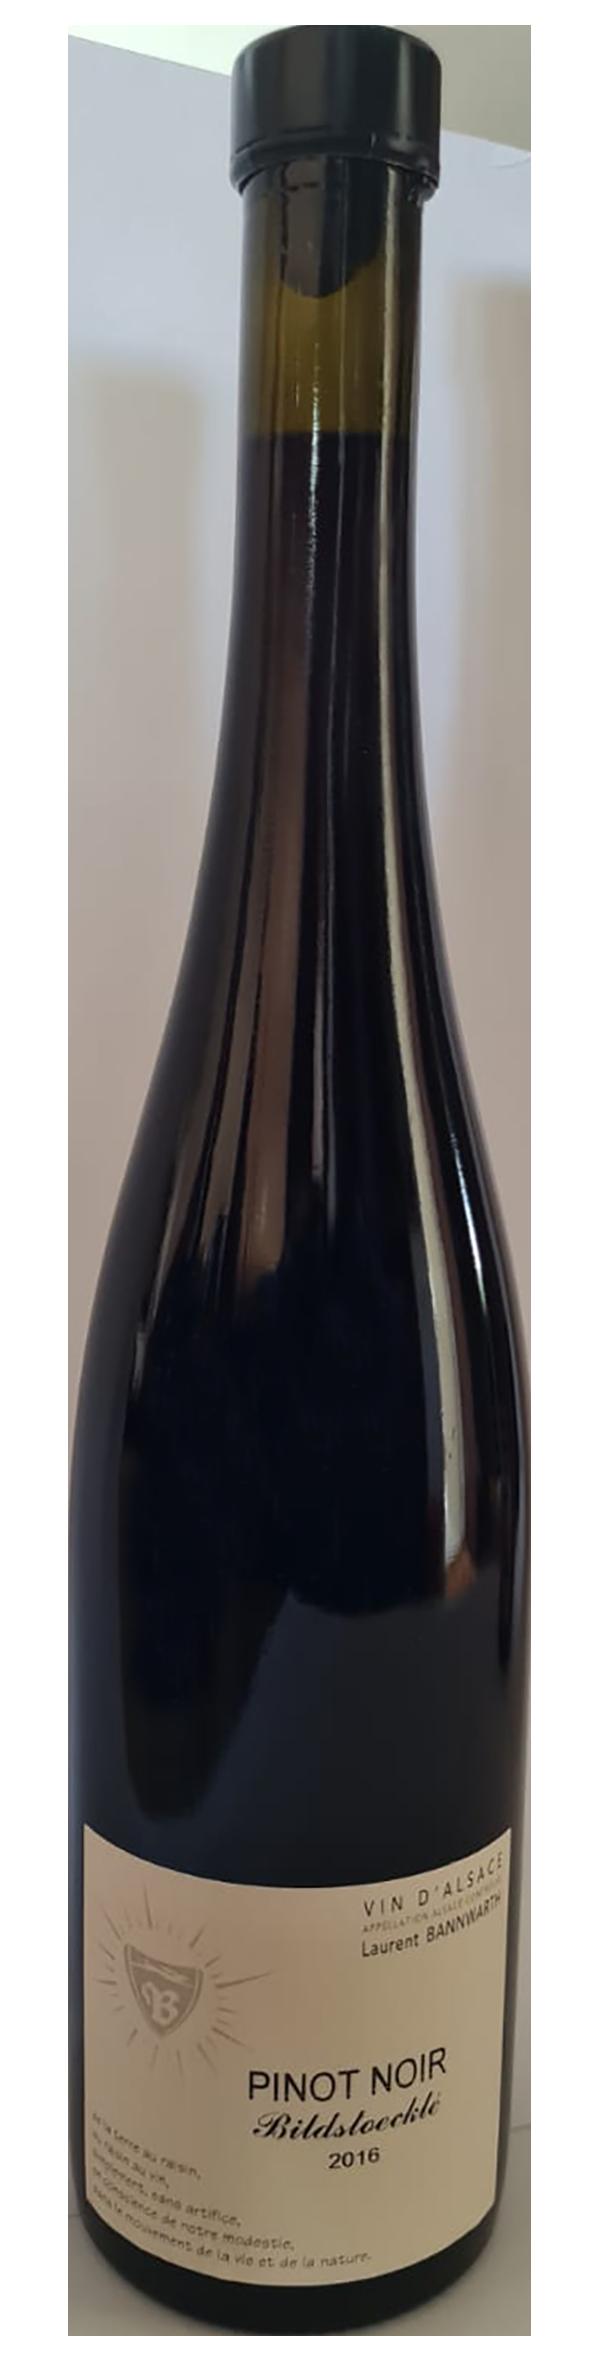 bouteille de vin rouge naturel alsacien, domaine Bannwarth, vin de terroir calcaire, cuvée Pinot Noir lieu-dit Bildstoeklé 2016